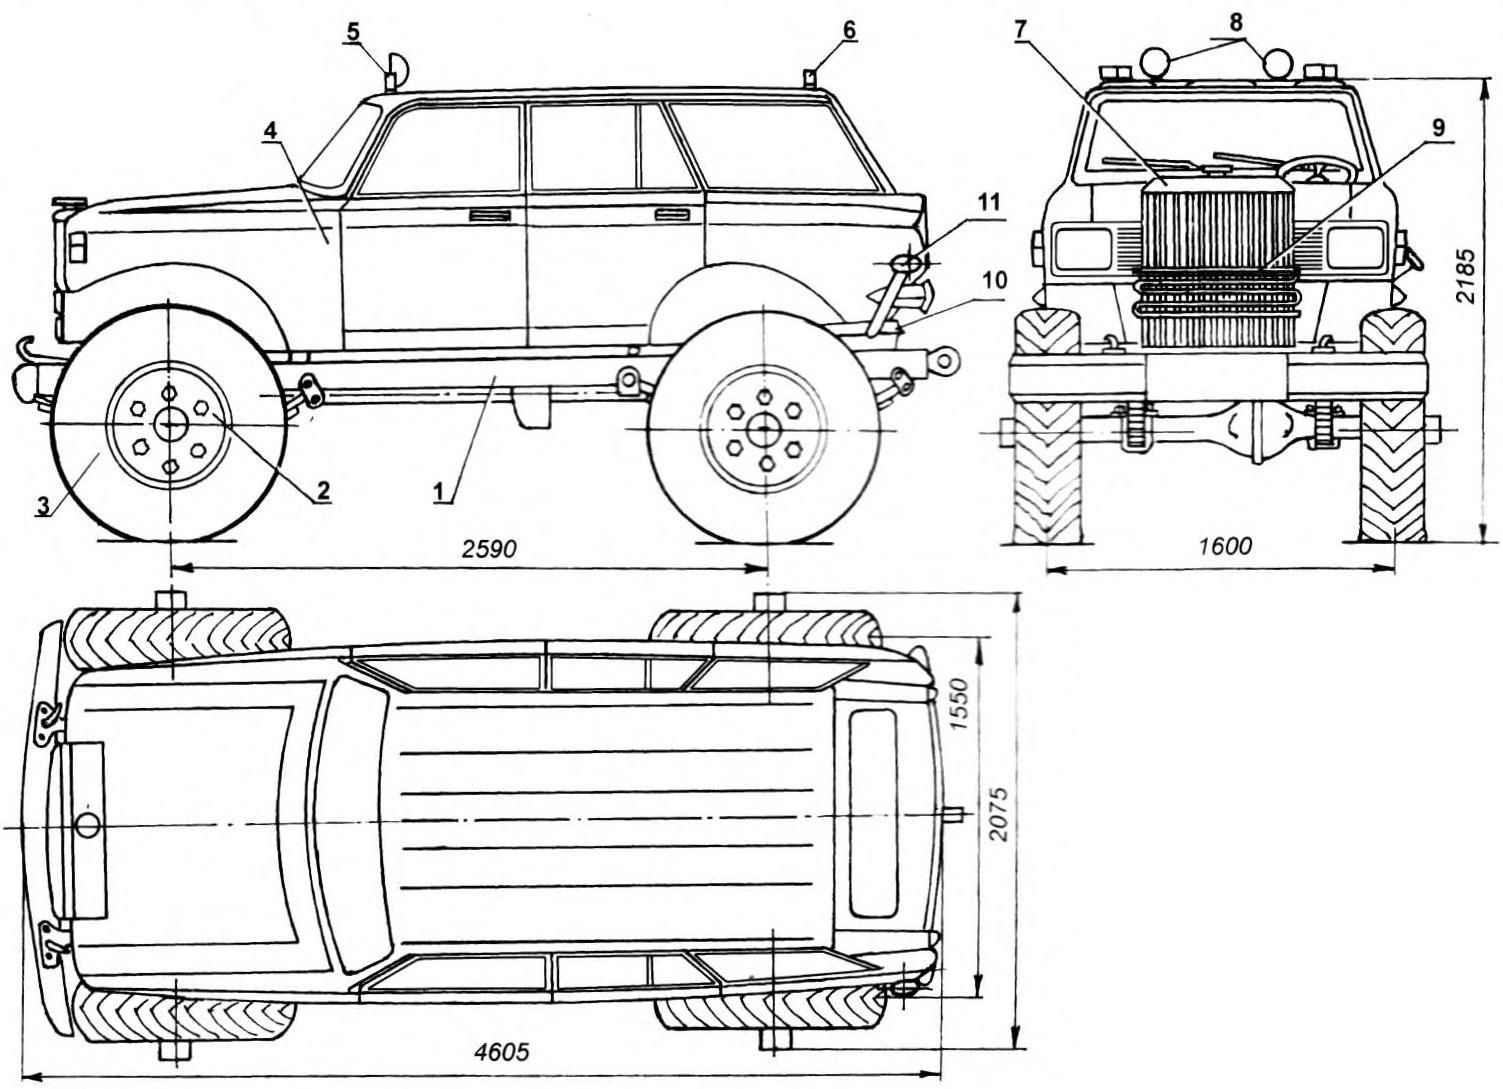 «Джип» с кузовом от легкового автомобиля «Москвич-21403», типа универсал и шасси от грузовика, вездехода ГАЗ-63